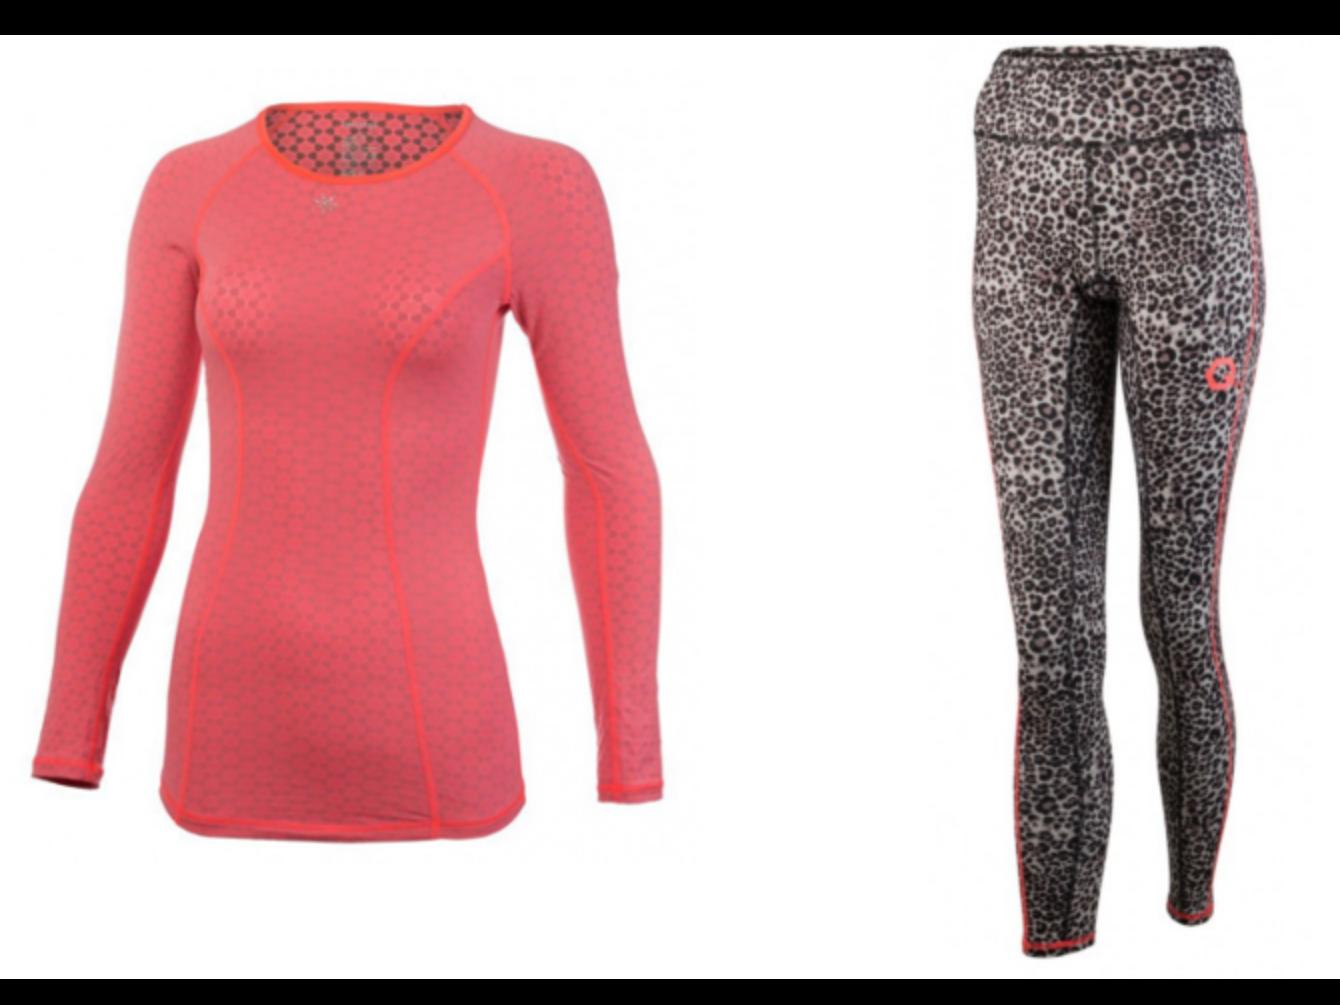 Manches longues & legging : 5 ensembles stylés pour courir cet automne !